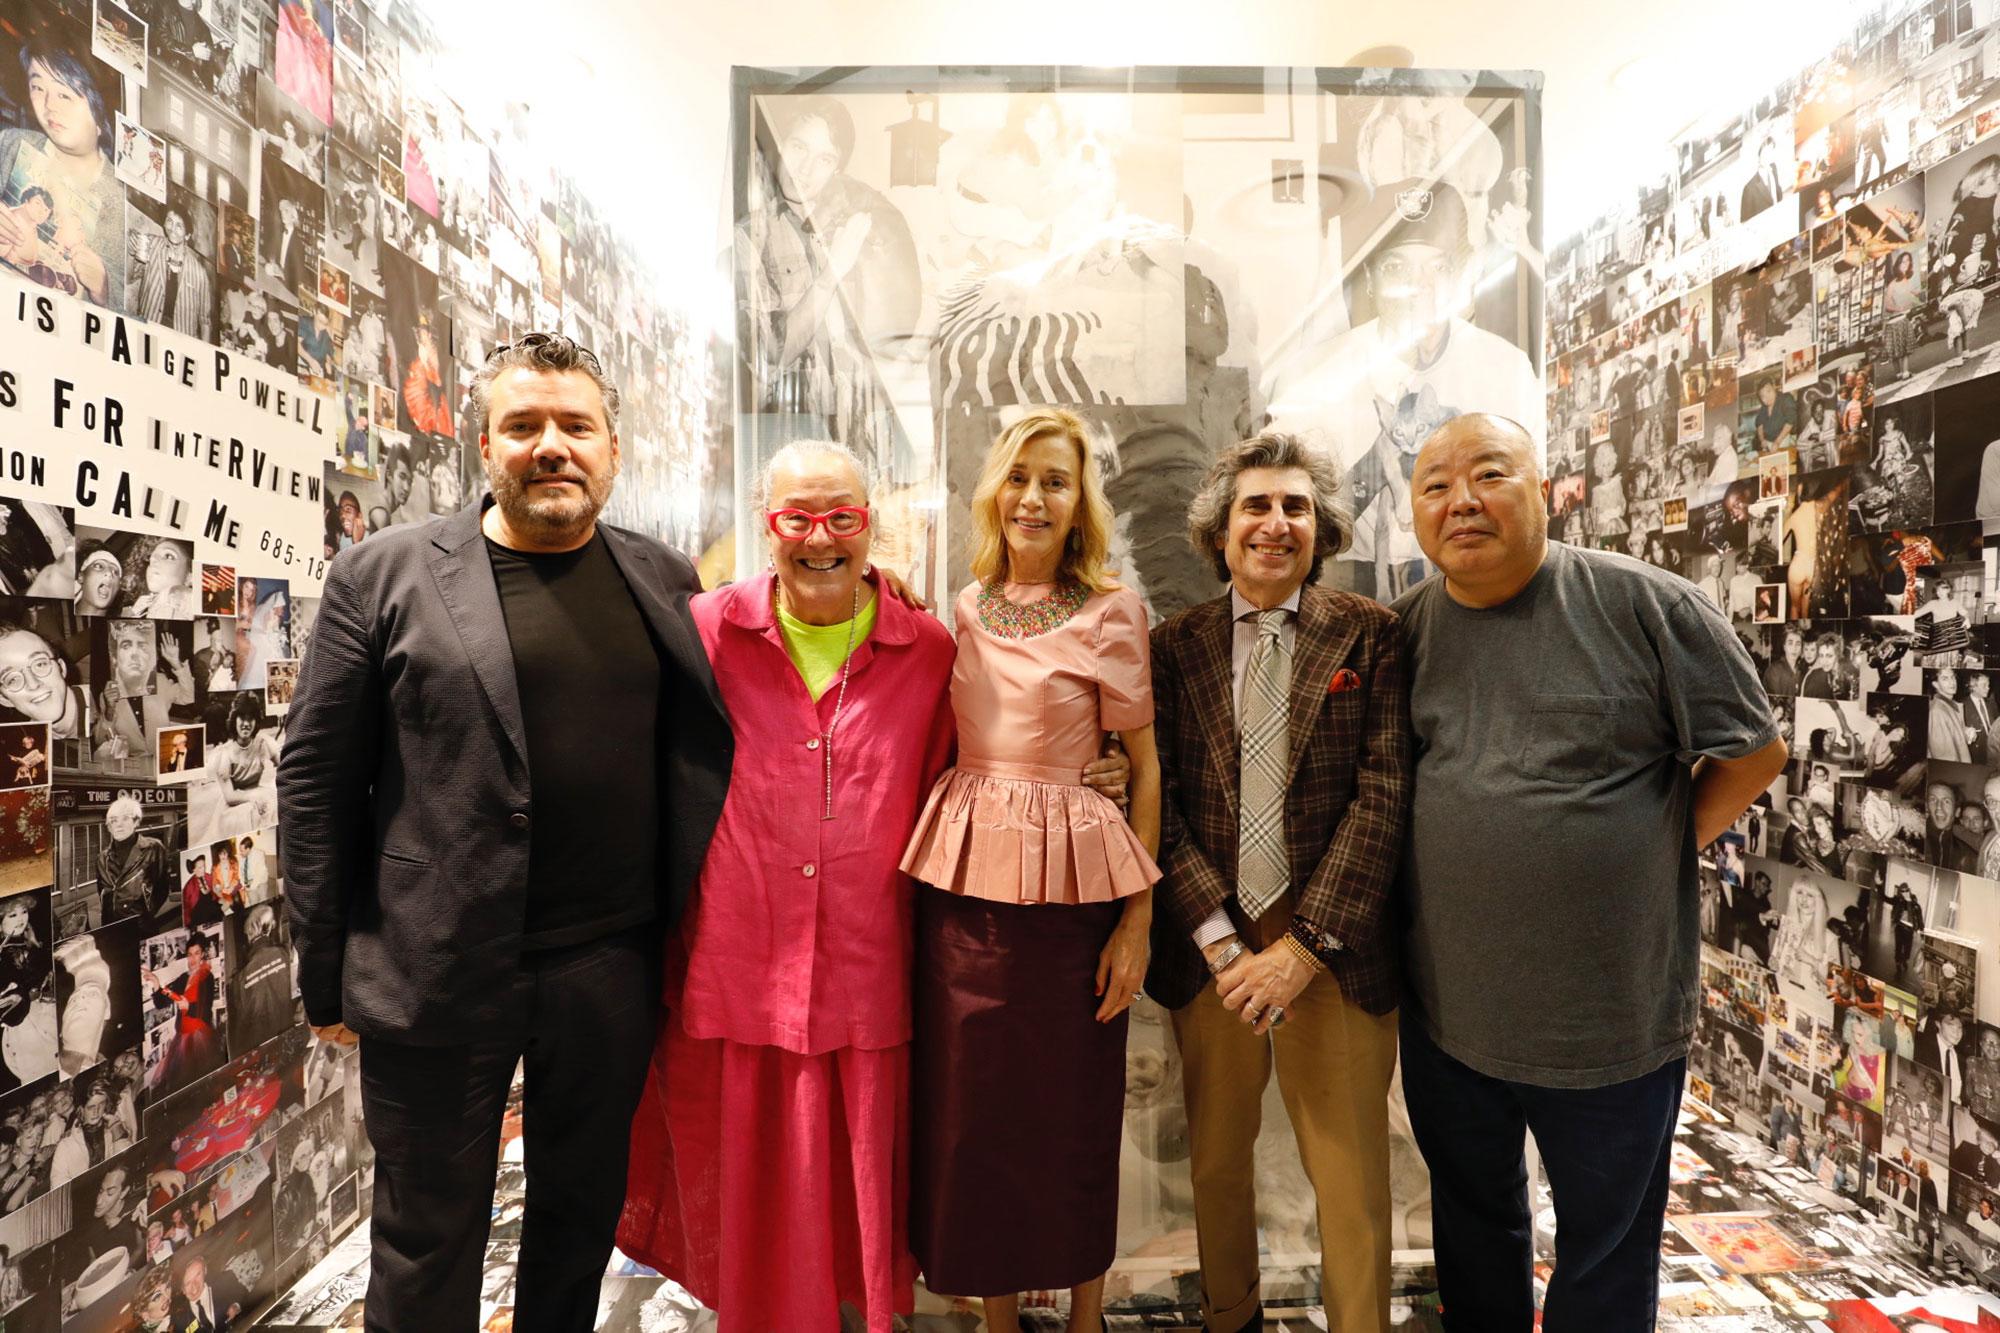 左からウィルフレド・ロサド、キム・ハストレイター、ペイジ・パウエル、ジーン・クレール、都築響一